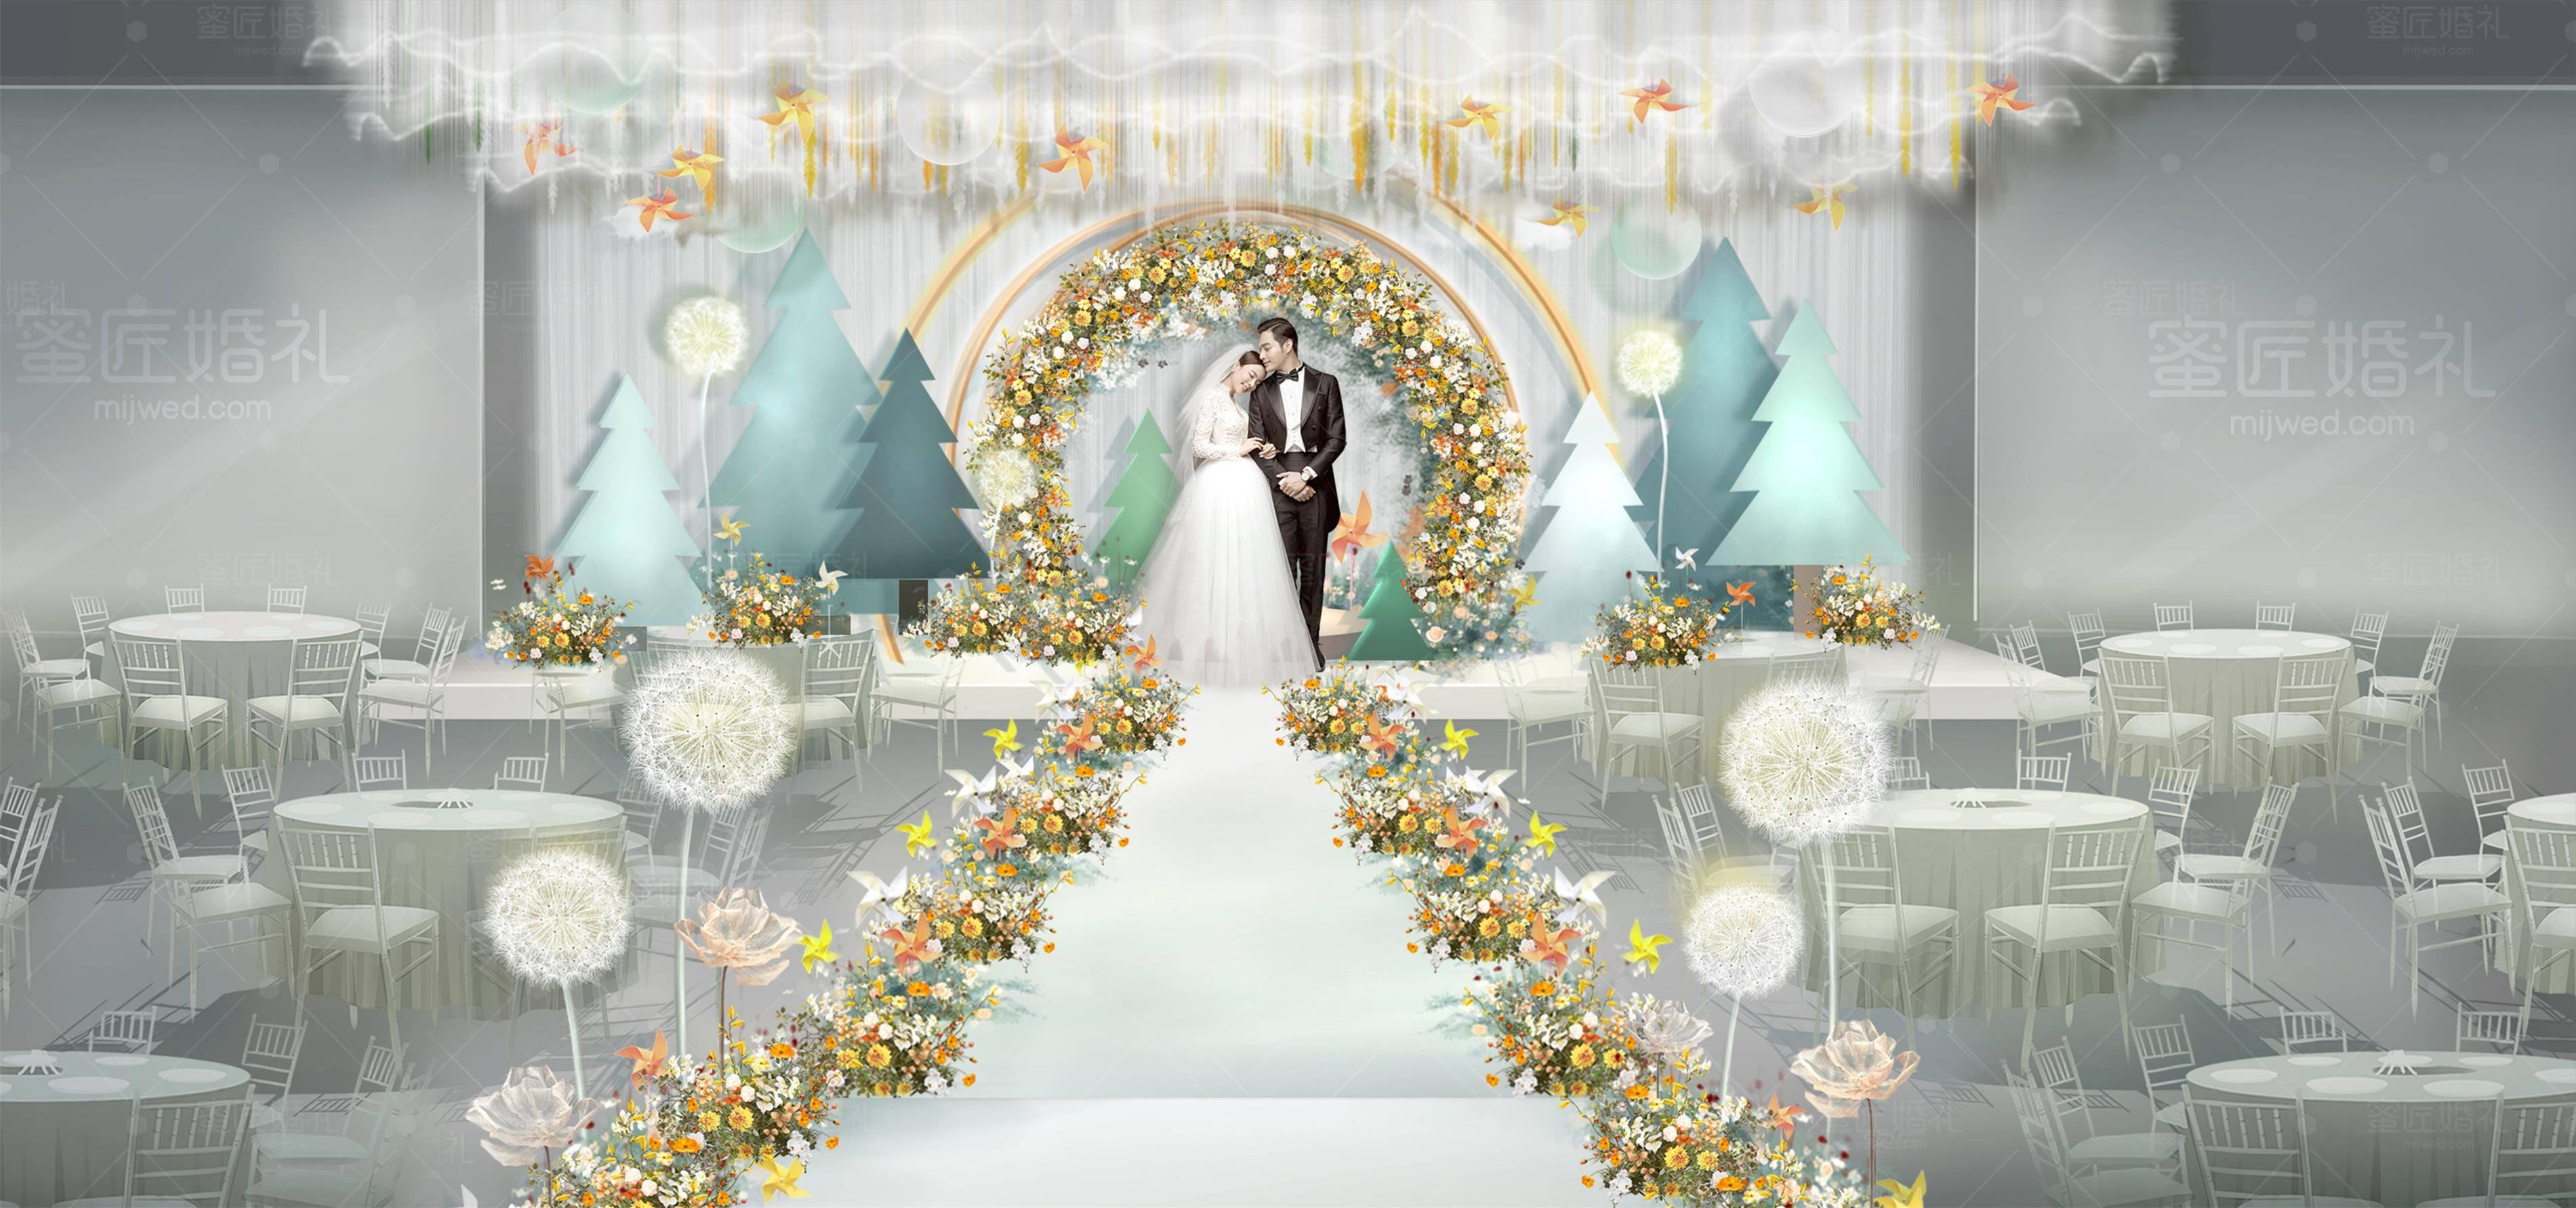 郴州市婚礼策划方案:如风1